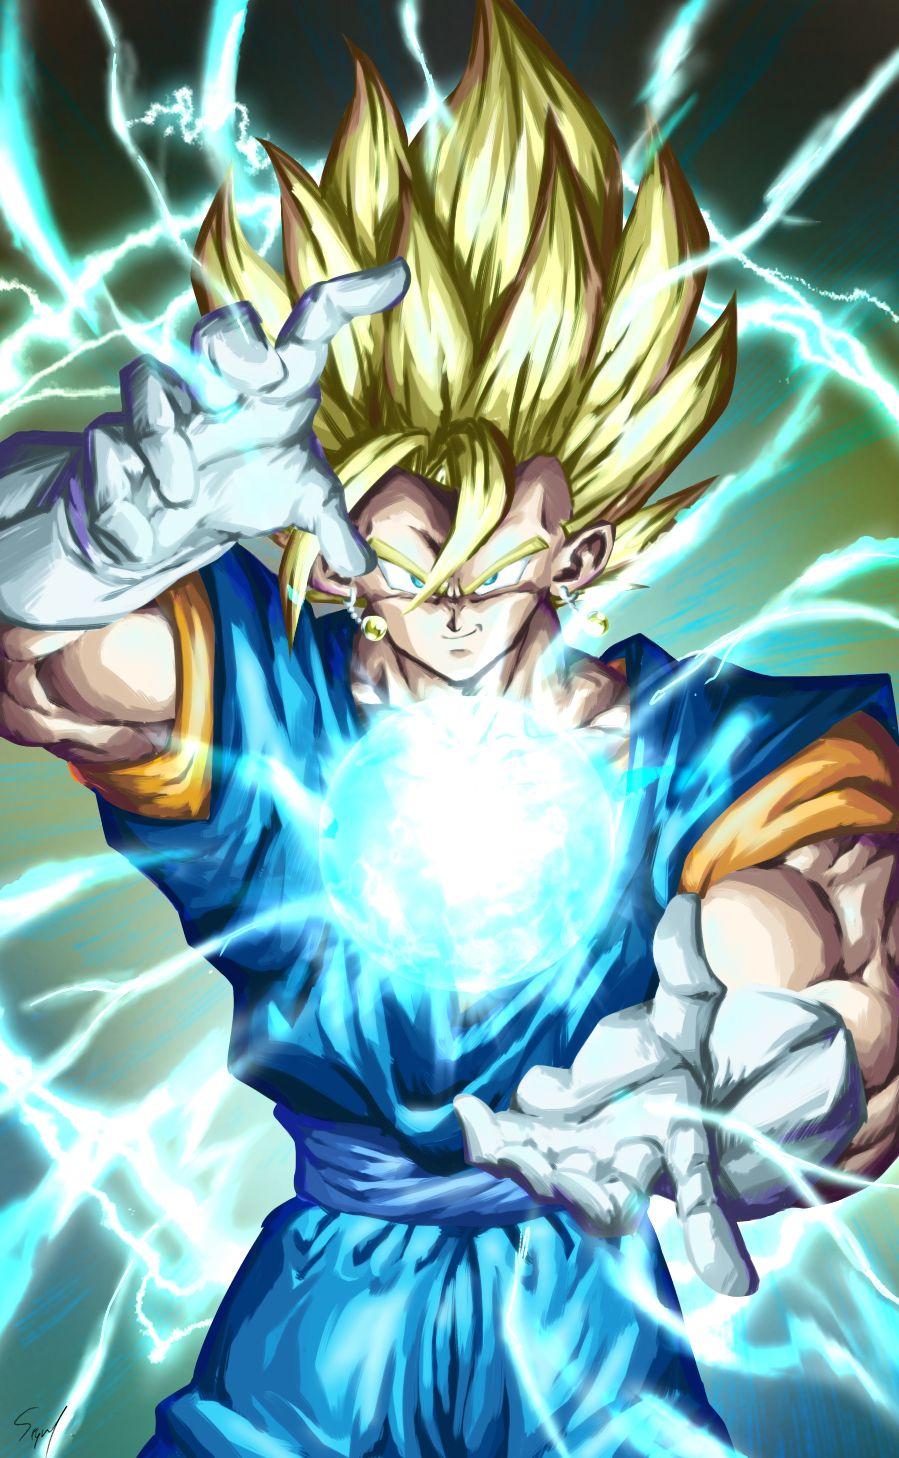 Dragon Ball Series Hd Images Dragon Ball Artwork Anime Dragon Ball Super Anime Dragon Ball